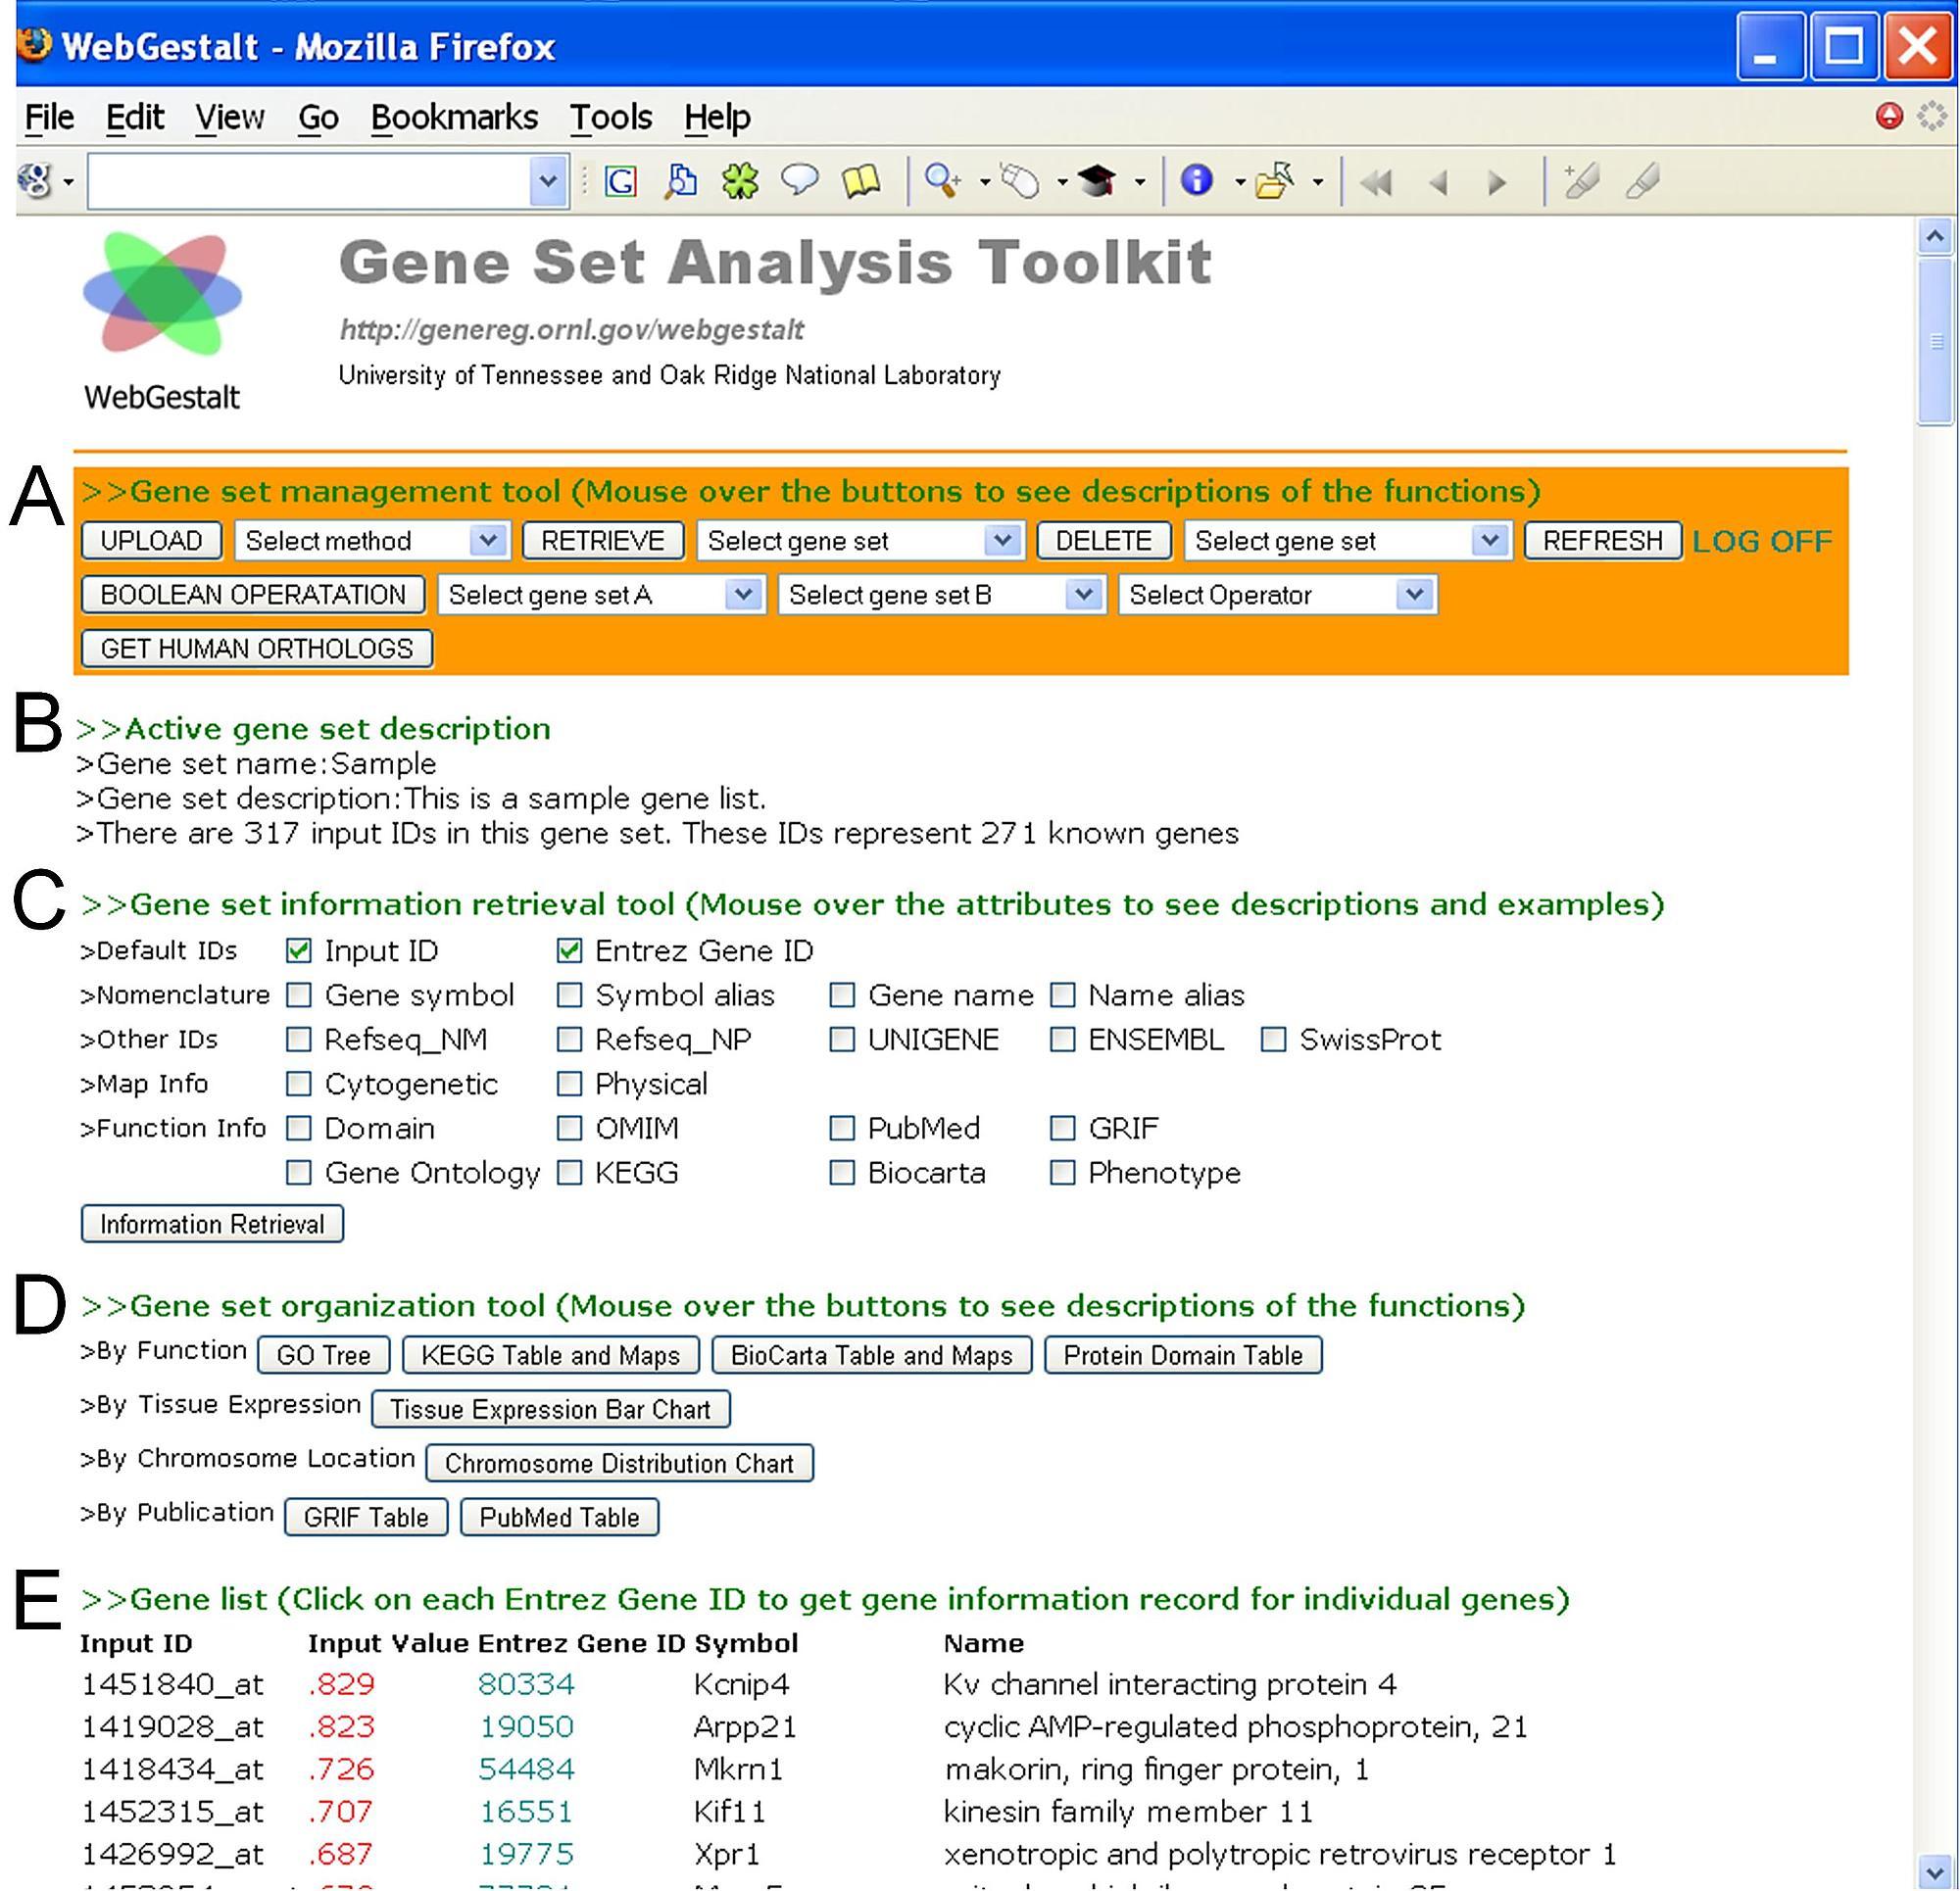 Schematic overview of WebGestalt